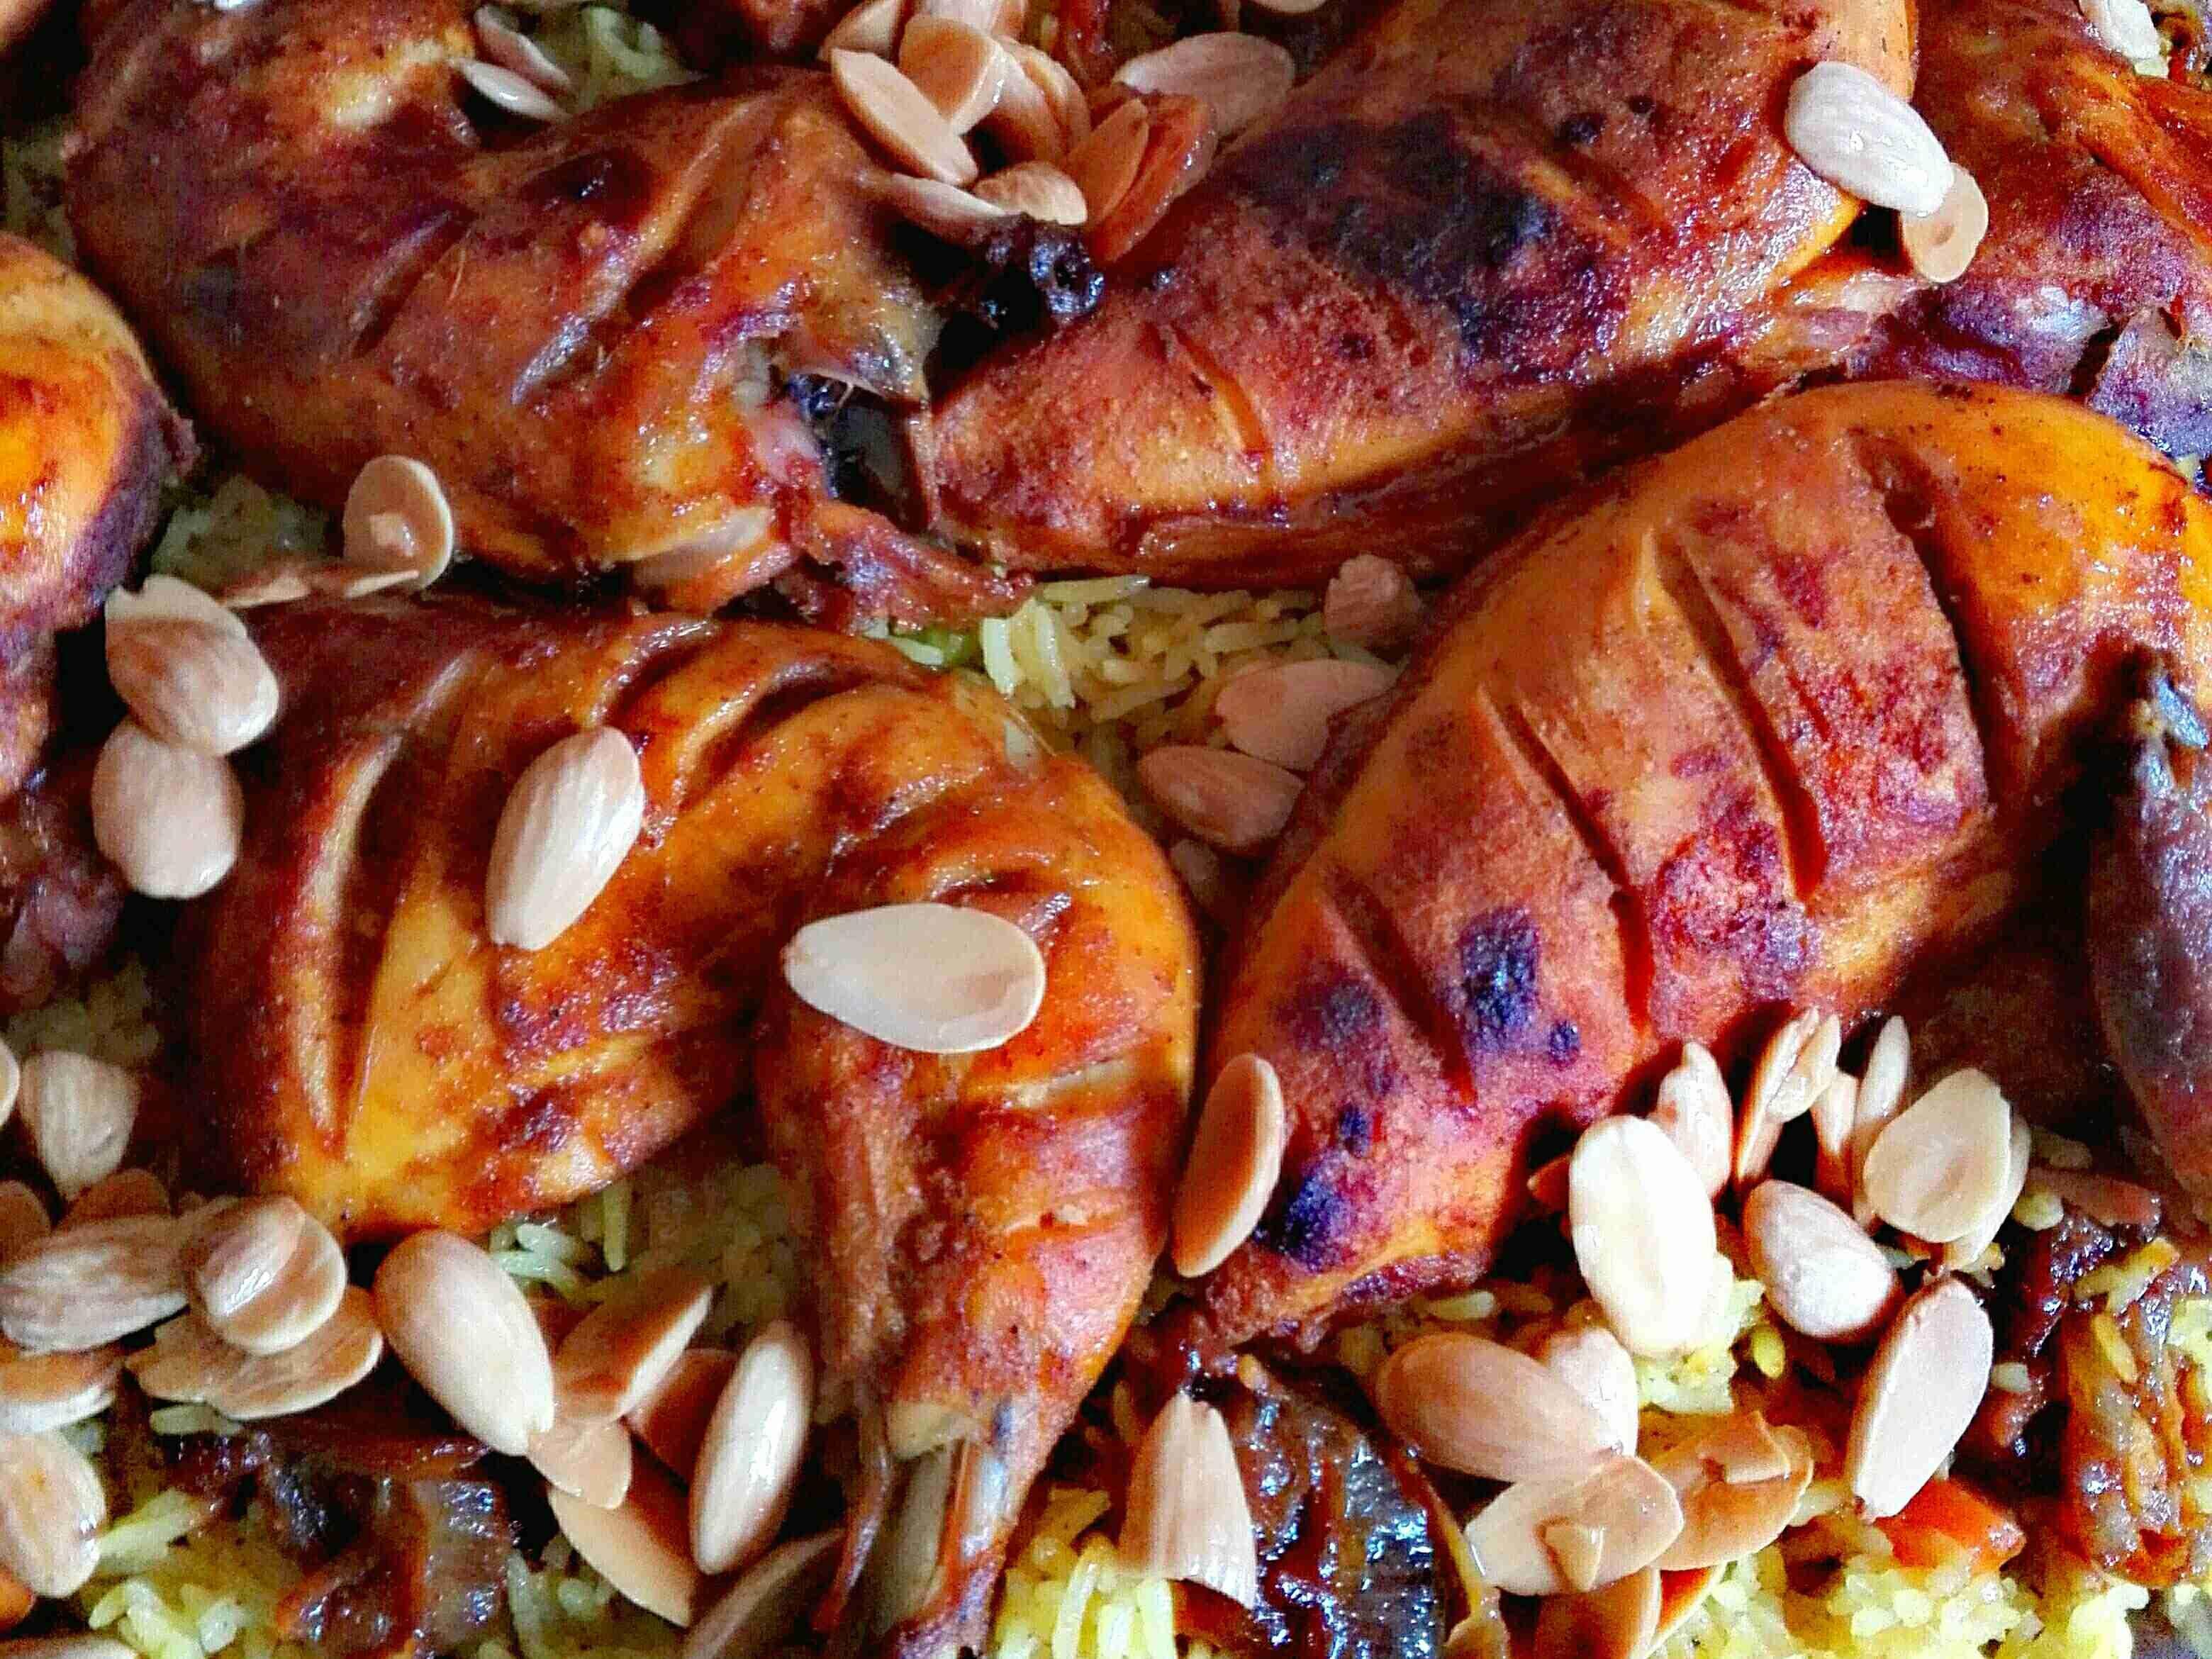 طريقة شوي الدجاج بتتبيله رووعه مع طريقة طبخ الأرز المميزه أطباق رئيسية عزيزتي المتابعة بصمت لتصلك مزيد من الوصفات ضعي لايك واتركي اي ت Main Dishes Food Dishes